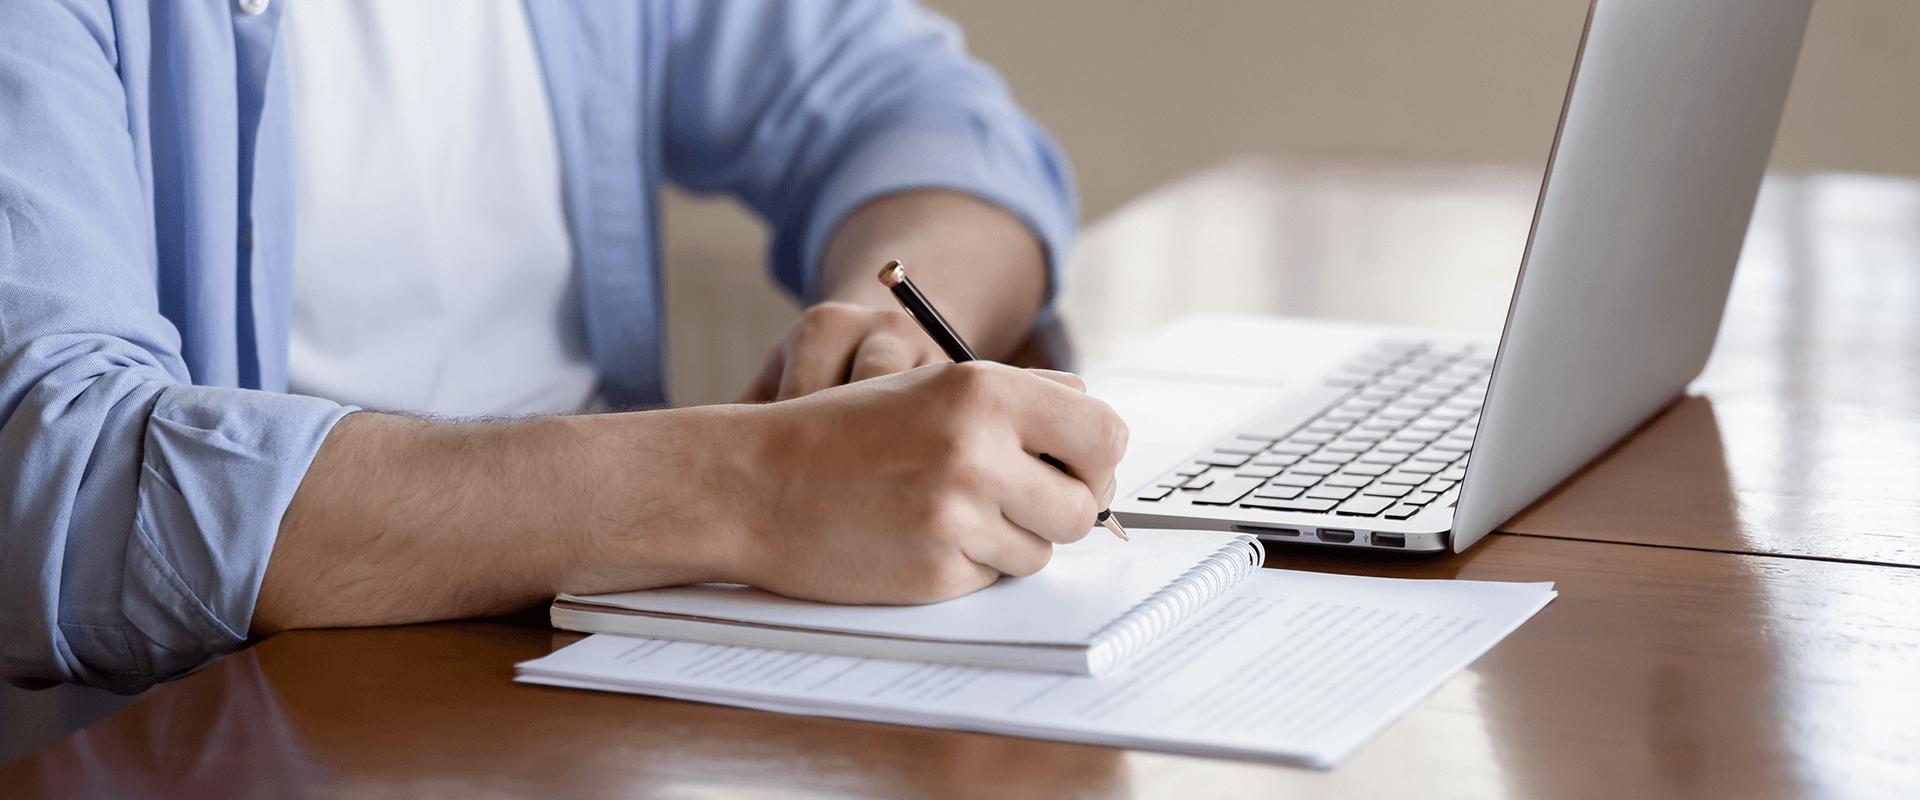 Nahaufnahme - Ein Mann macht sich Notizen beim Online-Seminar.